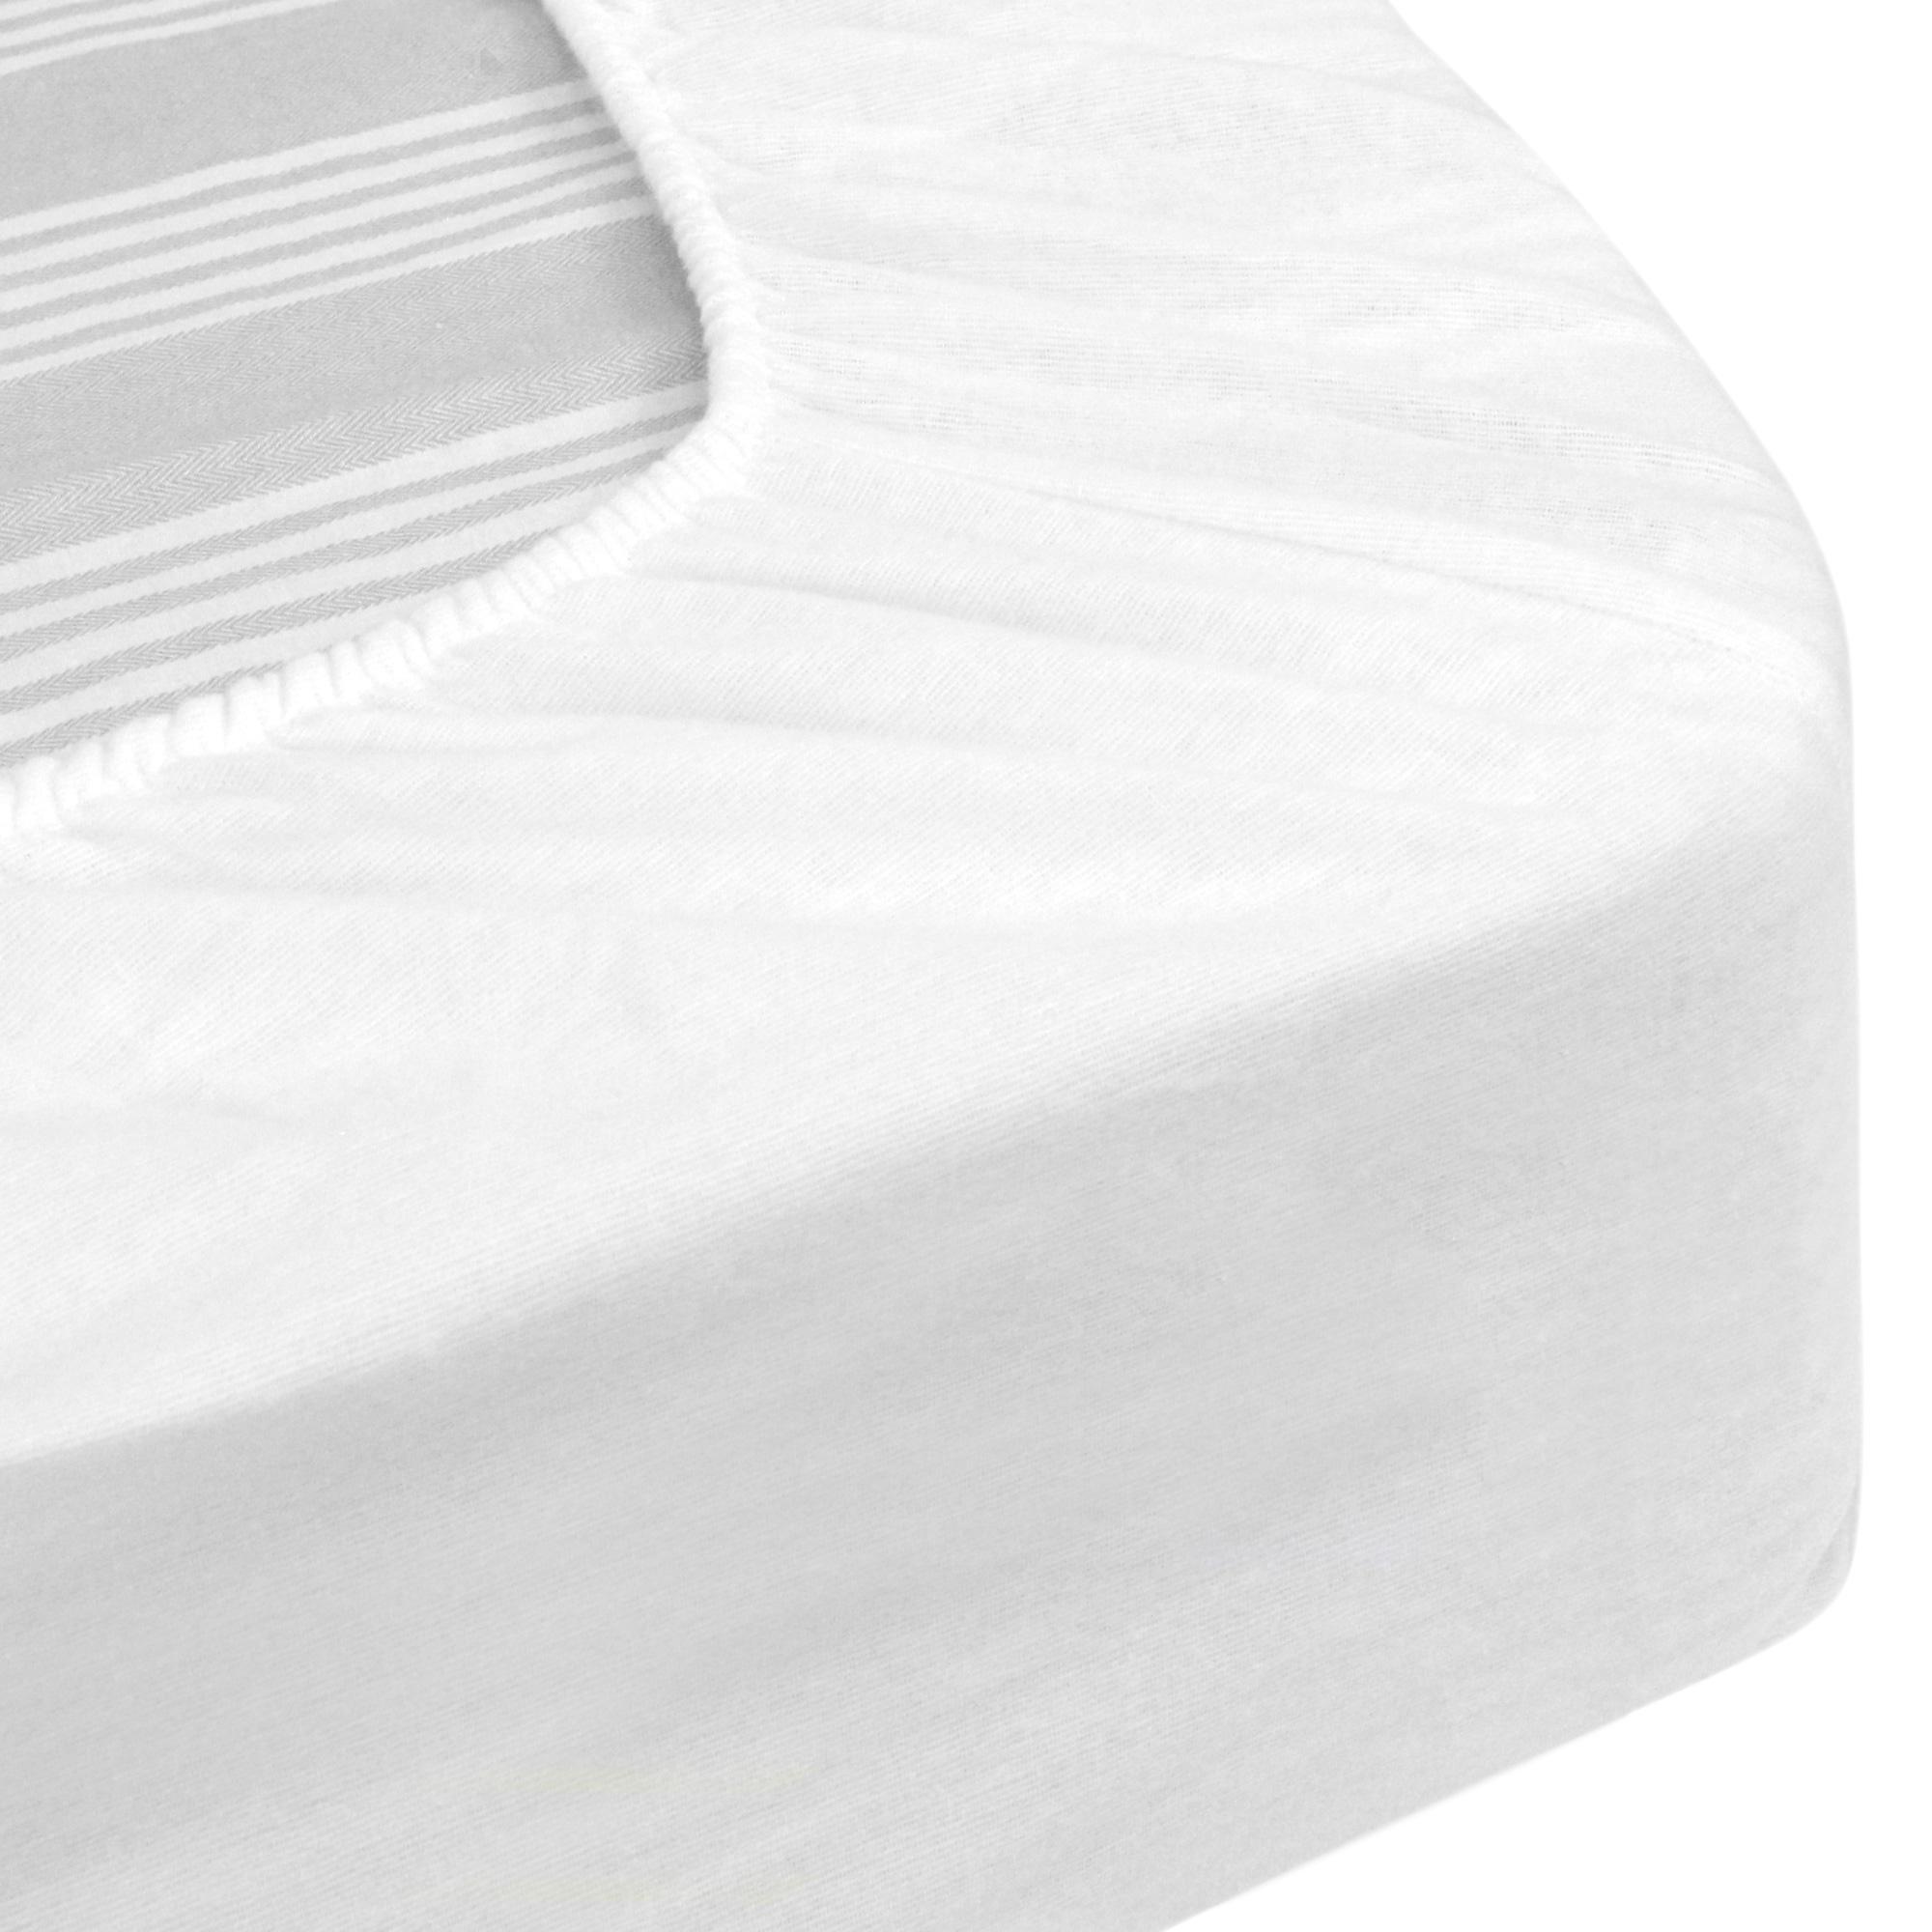 prot ge matelas imperm able 90x220 cm bonnet 40cm arnon molleton 100 coton contrecoll. Black Bedroom Furniture Sets. Home Design Ideas